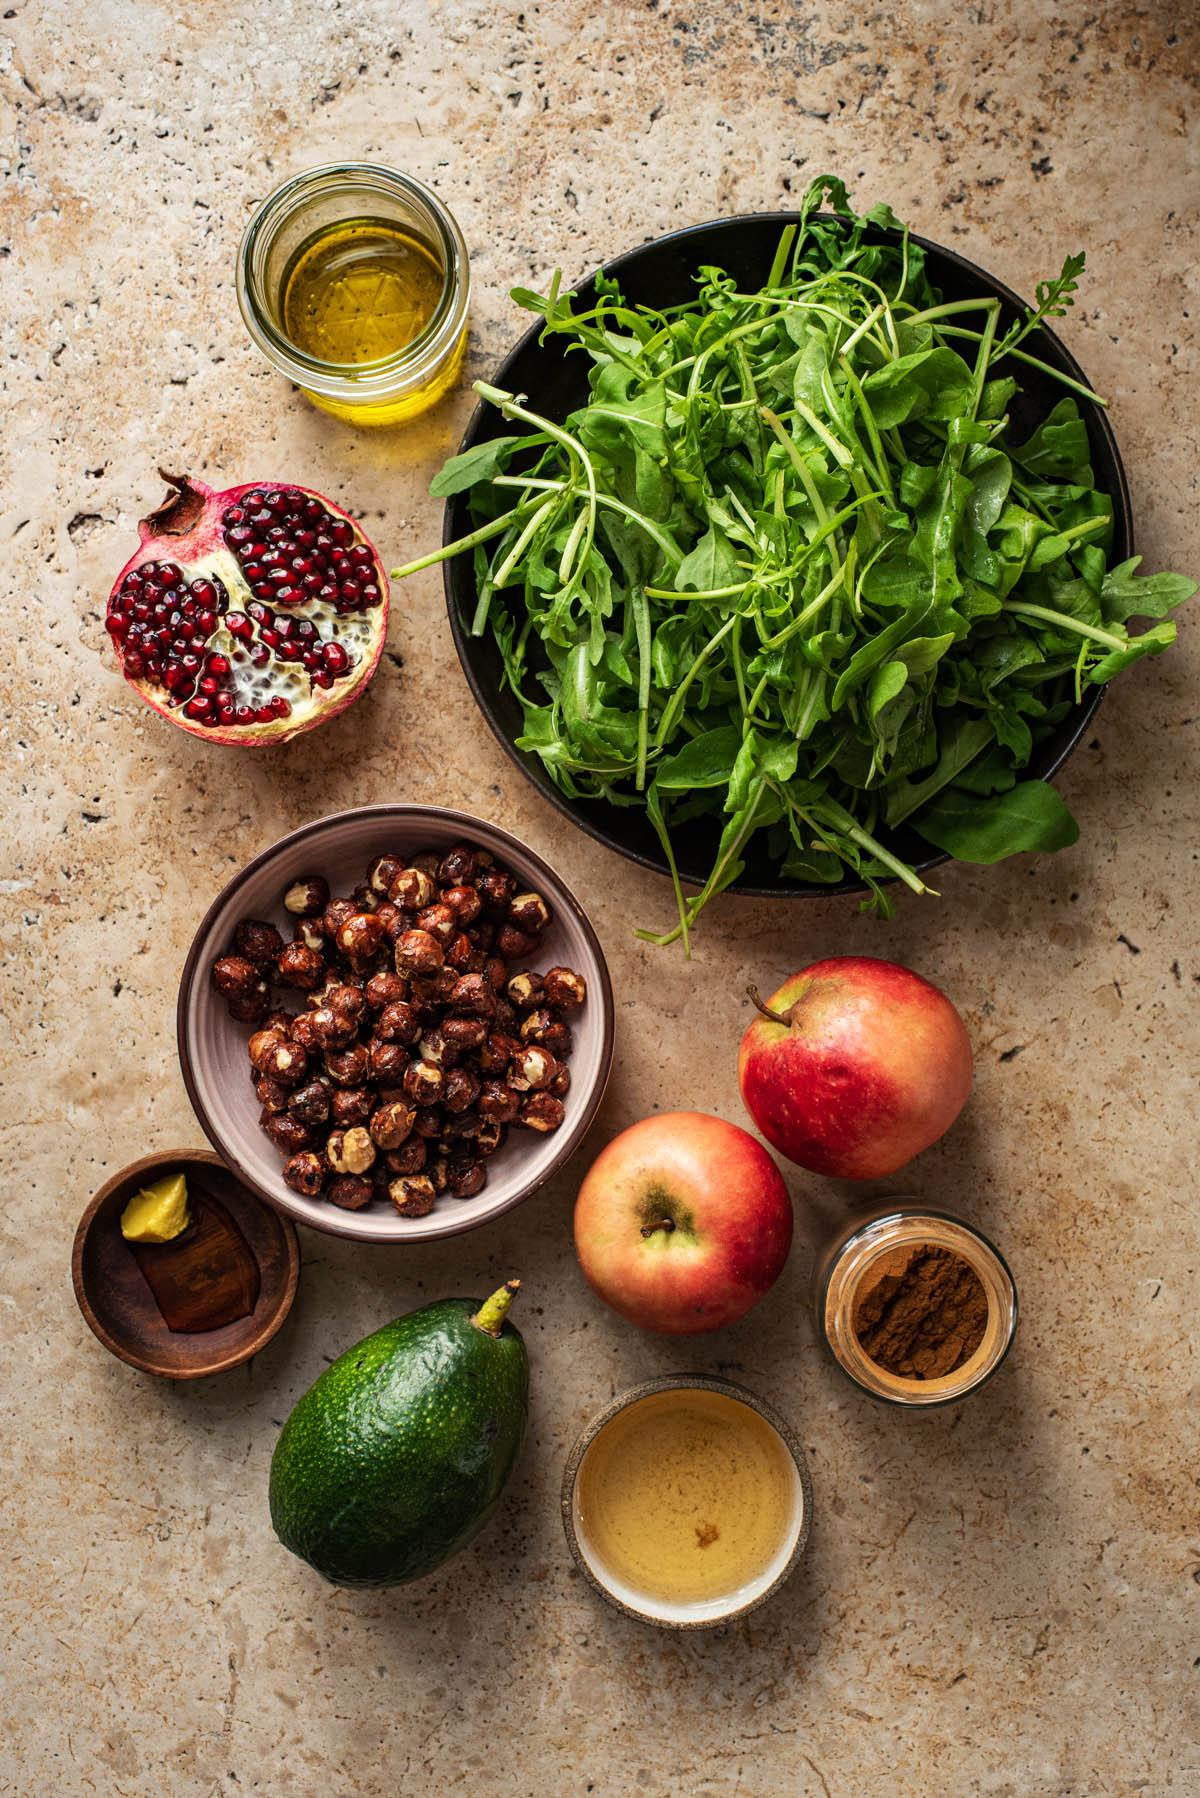 Apple salad ingredients.